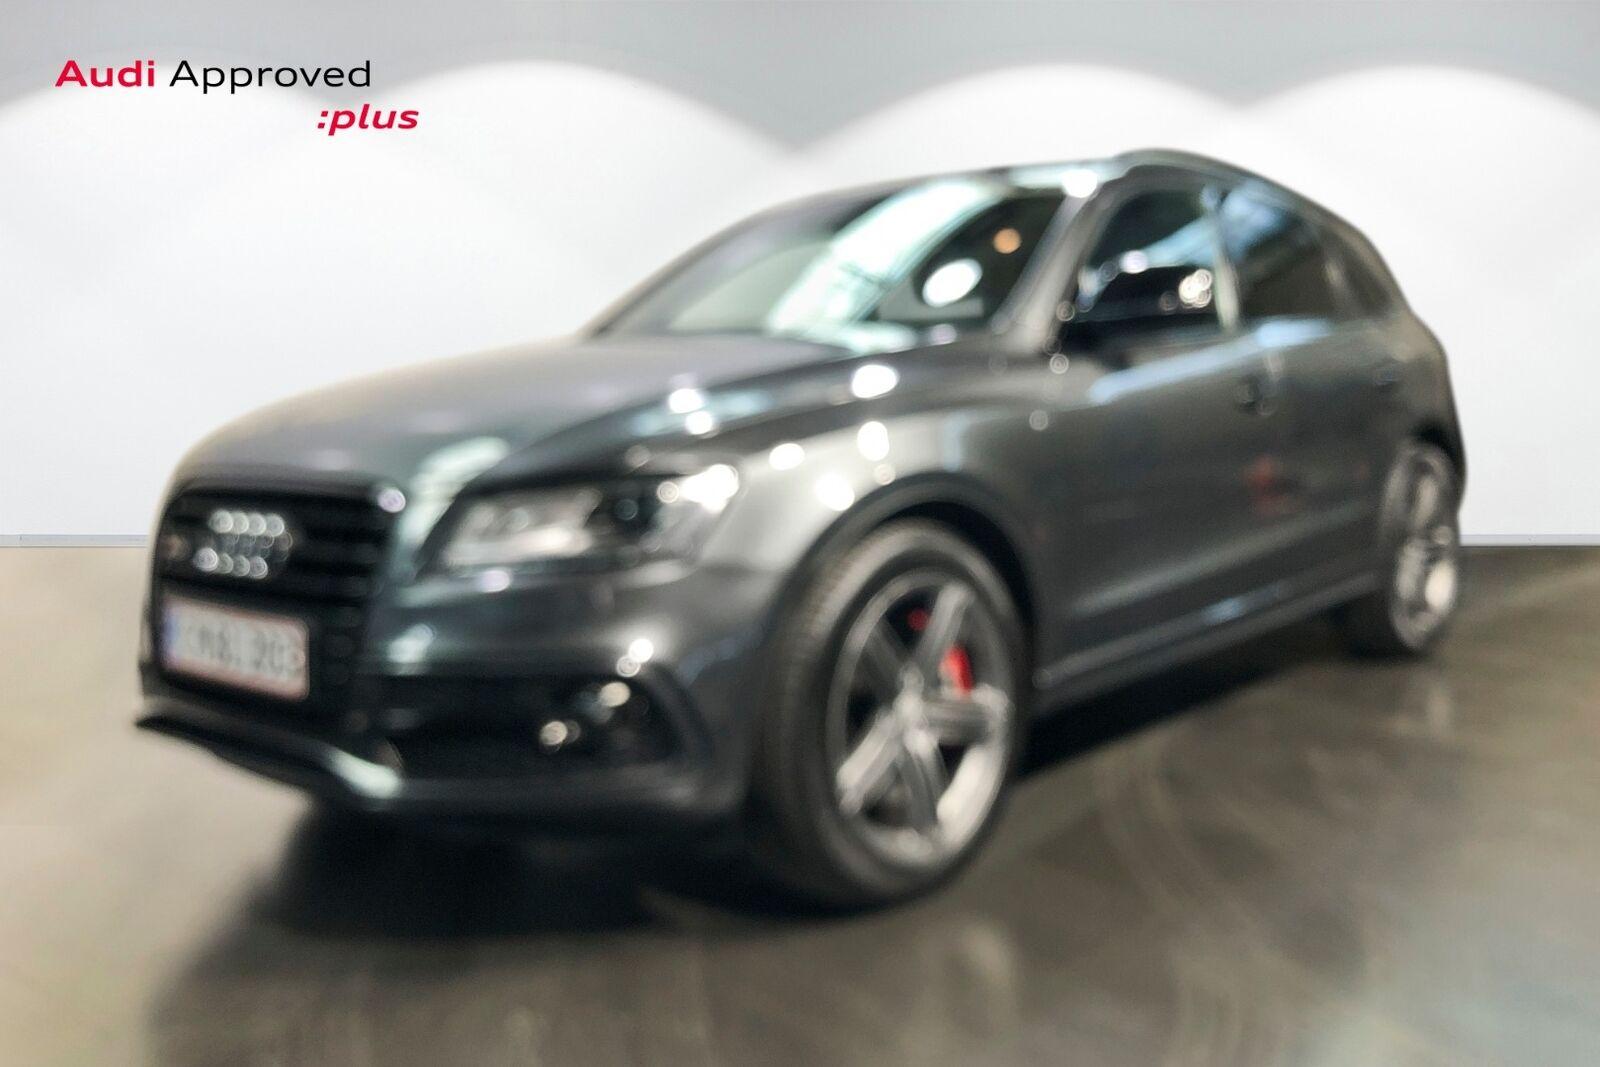 Audi SQ5 3,0 TDi 340 Plus quattro Tiptr. 5d - 719.900 kr.